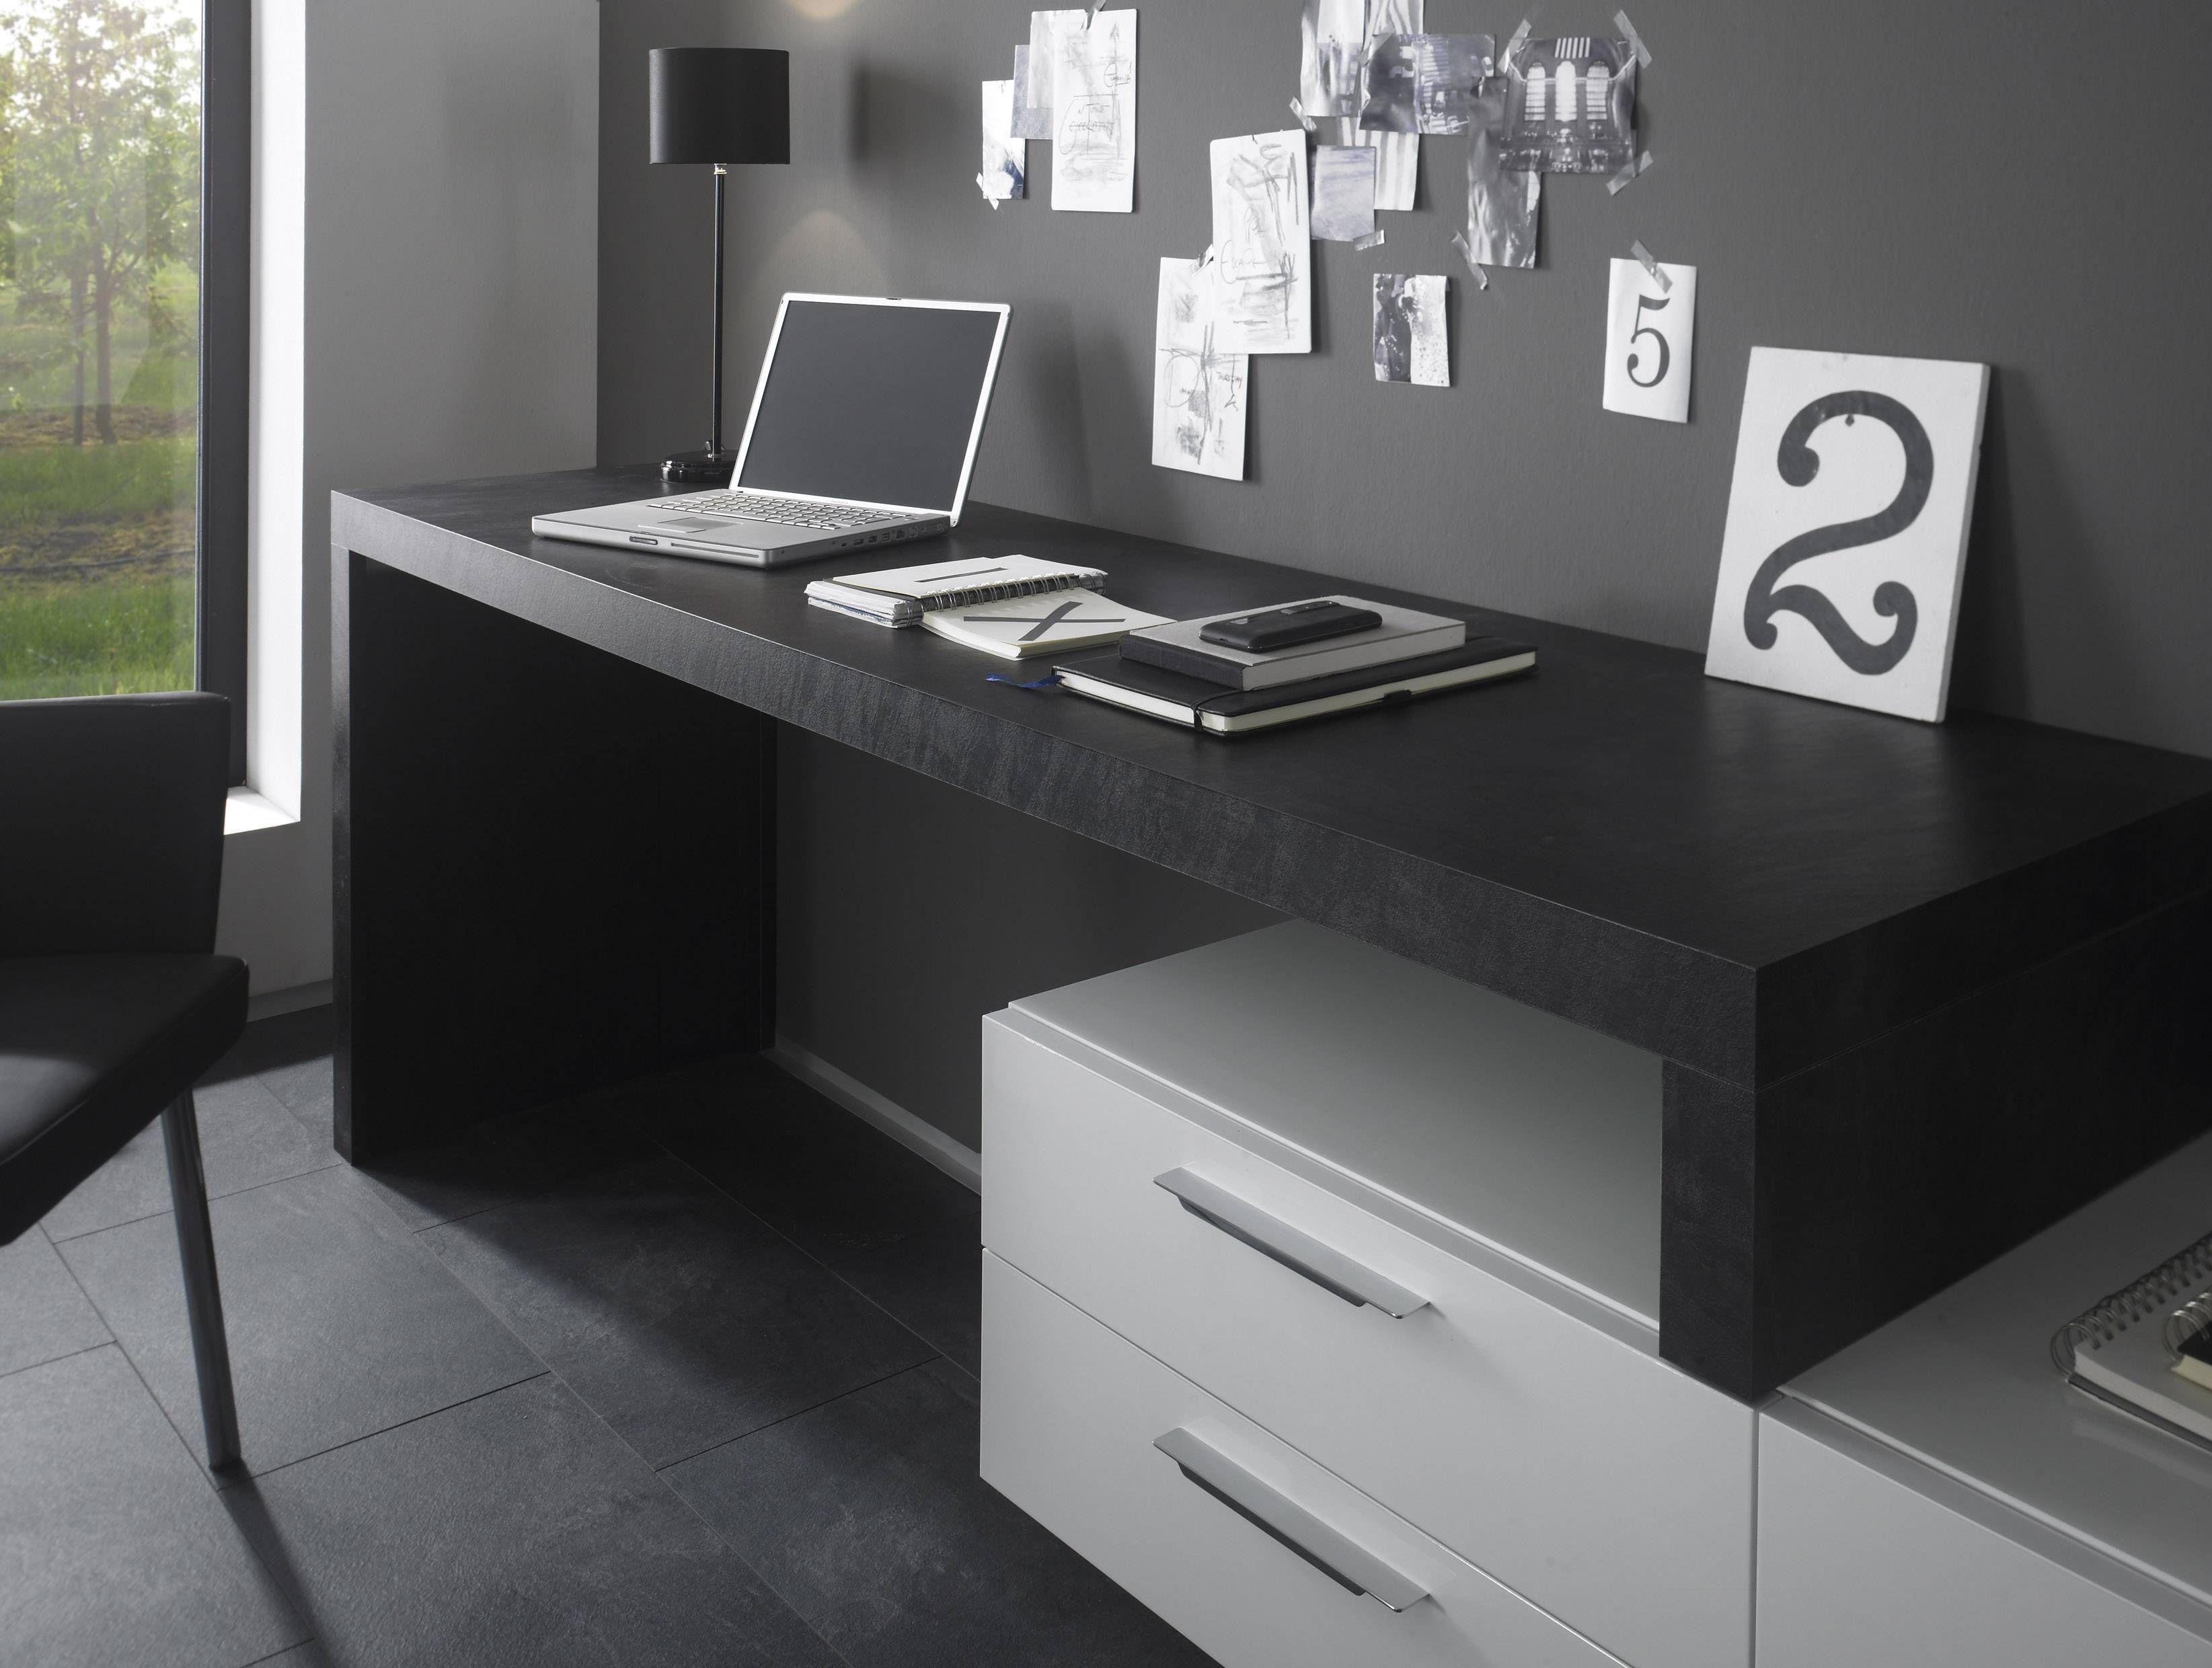 Wohnwand Mit Schreibtisch Inspirational Wohnwand Mit Schreibtisch Nett Wohnzimmer Sophal 21 Eiche Wohnzimmer Schreibtisch Schreibtisch Jugendzimmer Wohnwand